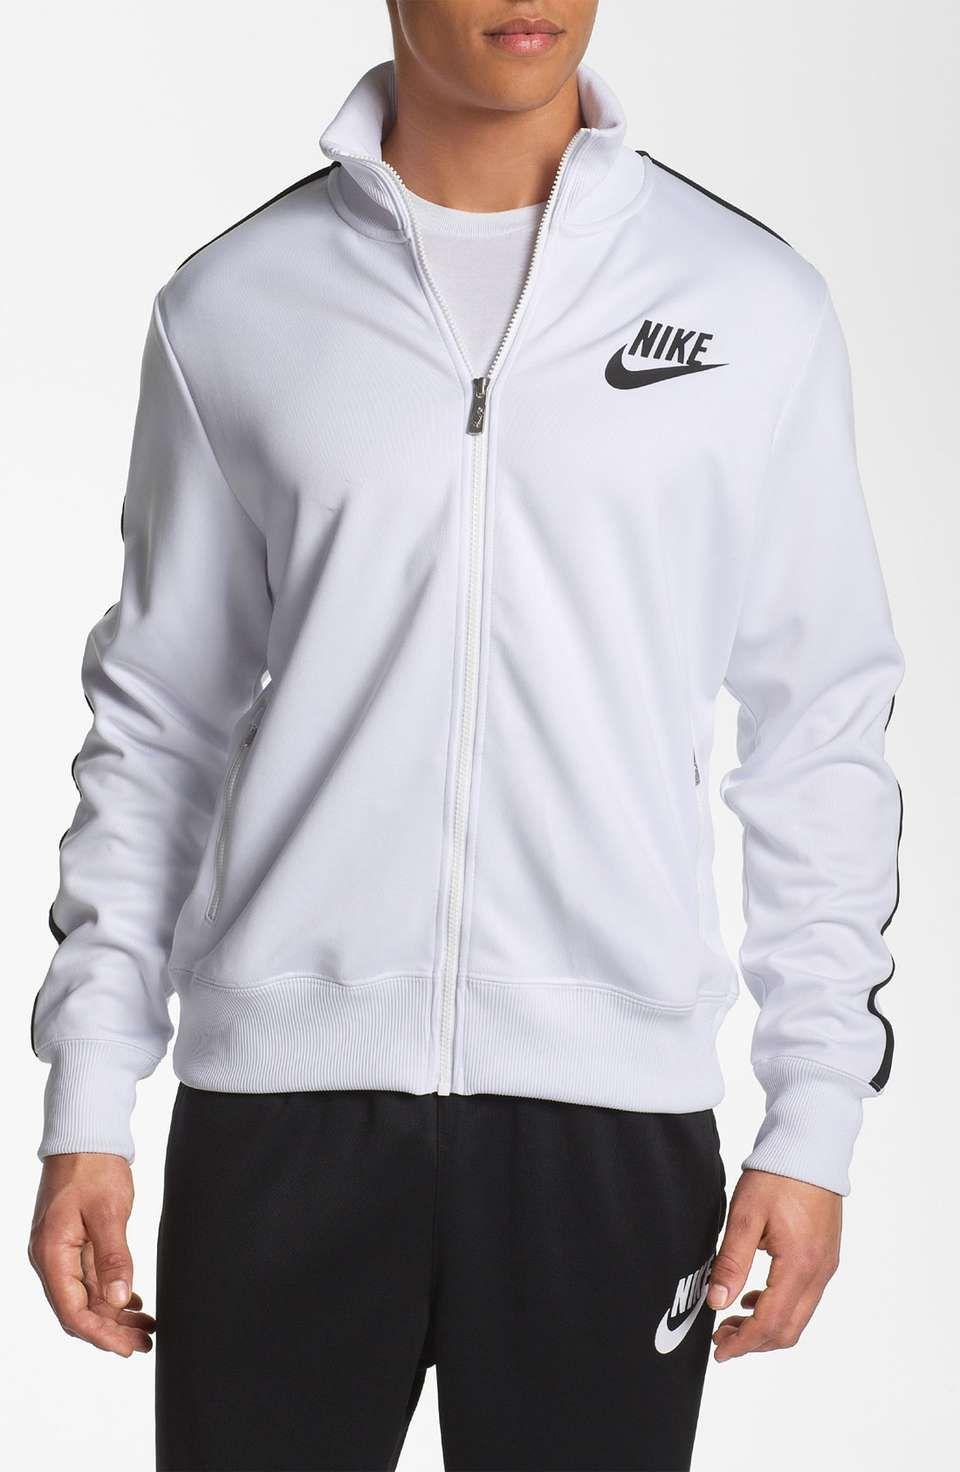 Nike Piste Hbr Hommes Survêtement Top Jaune